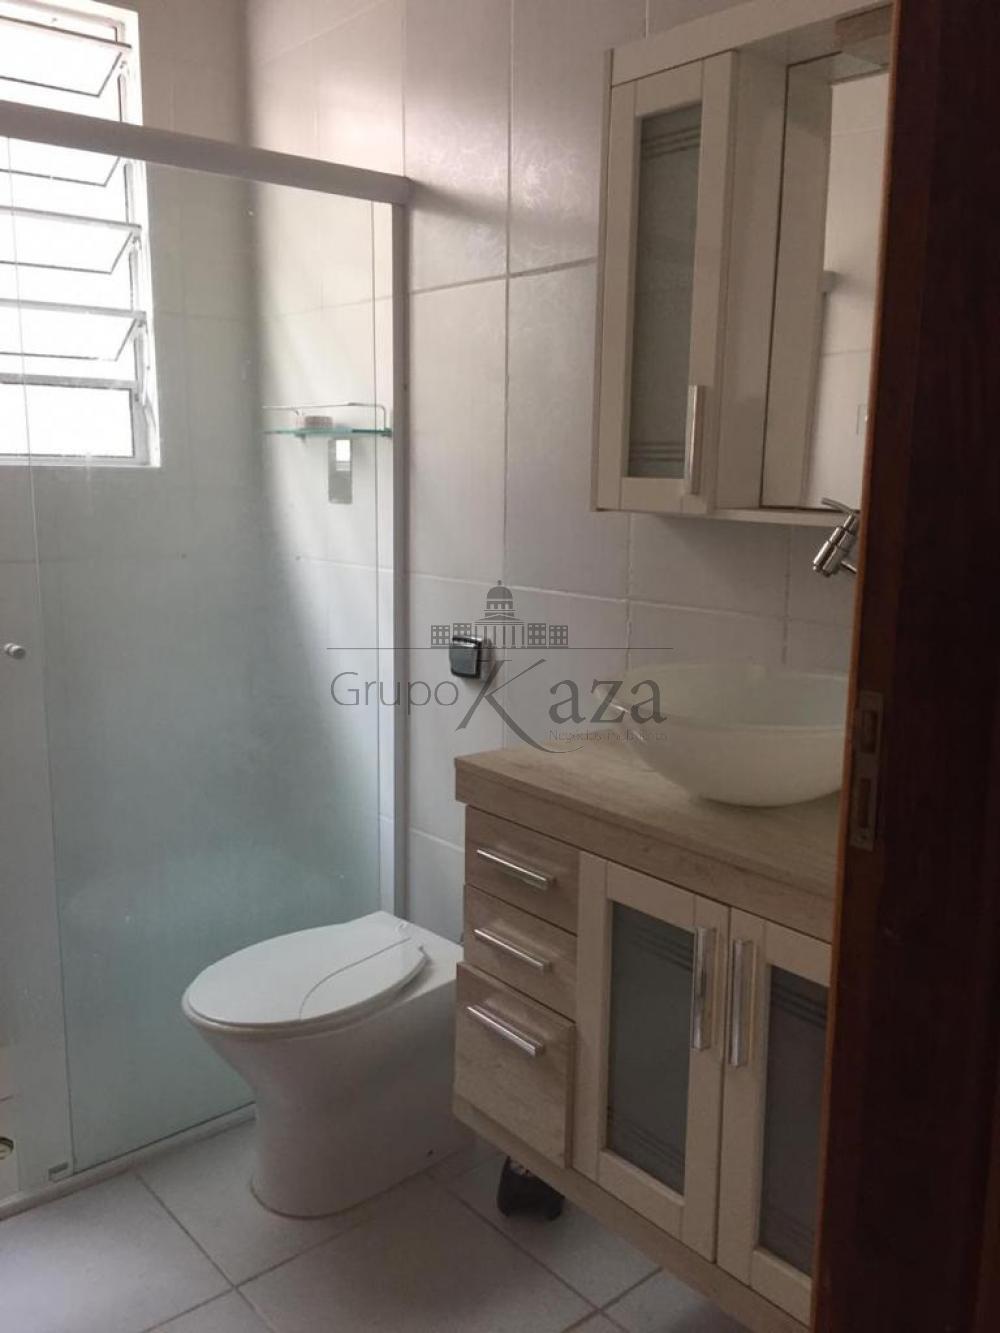 Comprar Casa / Sobrado em São José dos Campos apenas R$ 450.000,00 - Foto 20